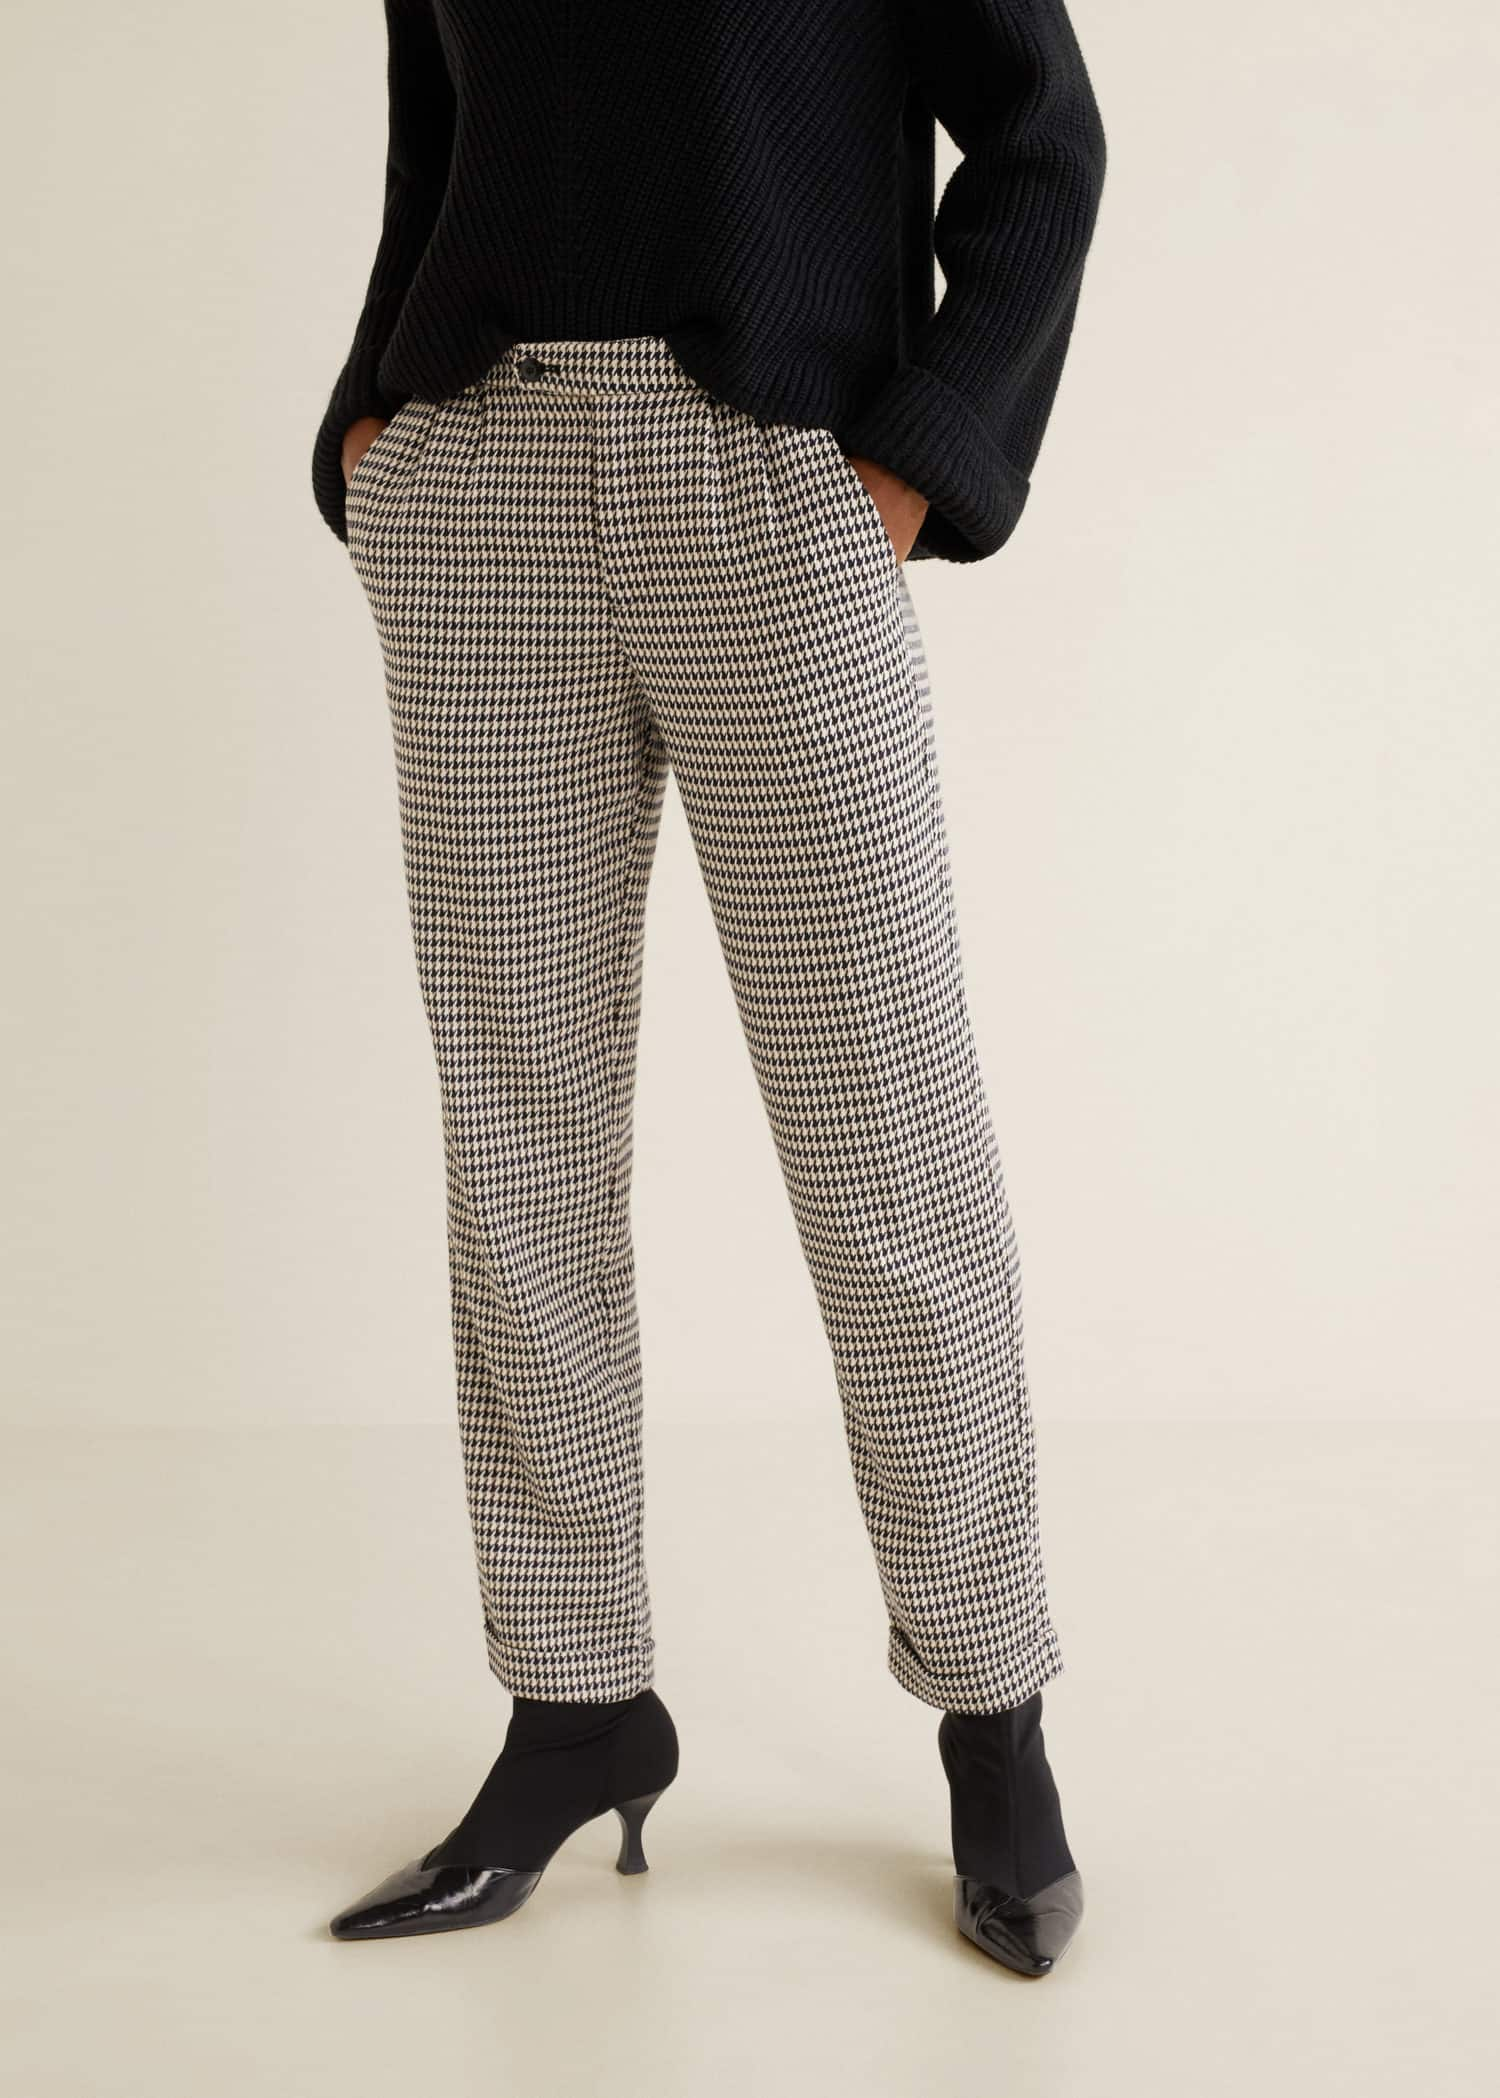 Pantalon De Pied Qgbewxn Mango France Femme Poule H671wx